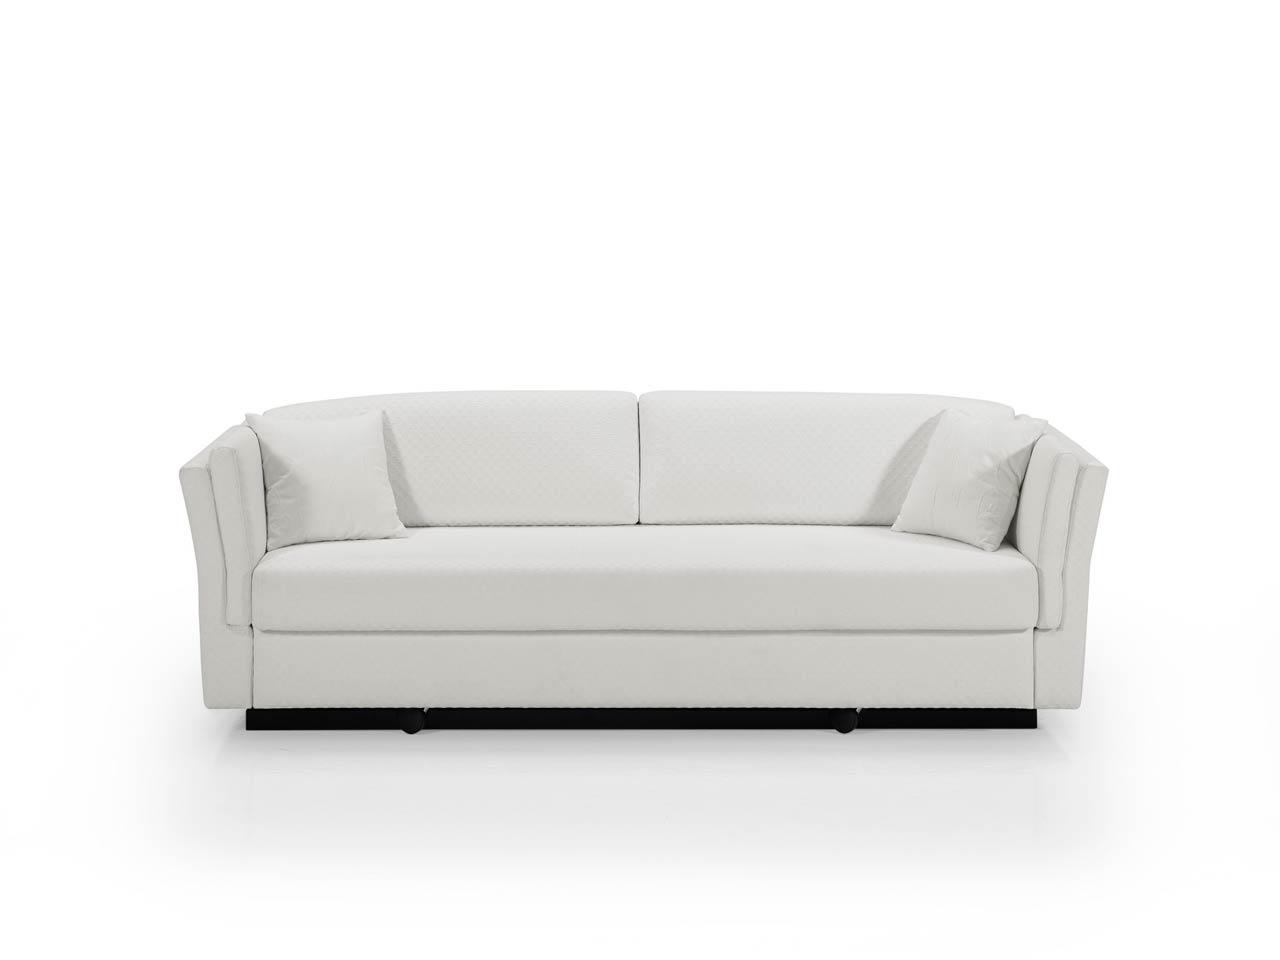 Comprar litera sofa cama de dise o - Sofas cama comodos ...